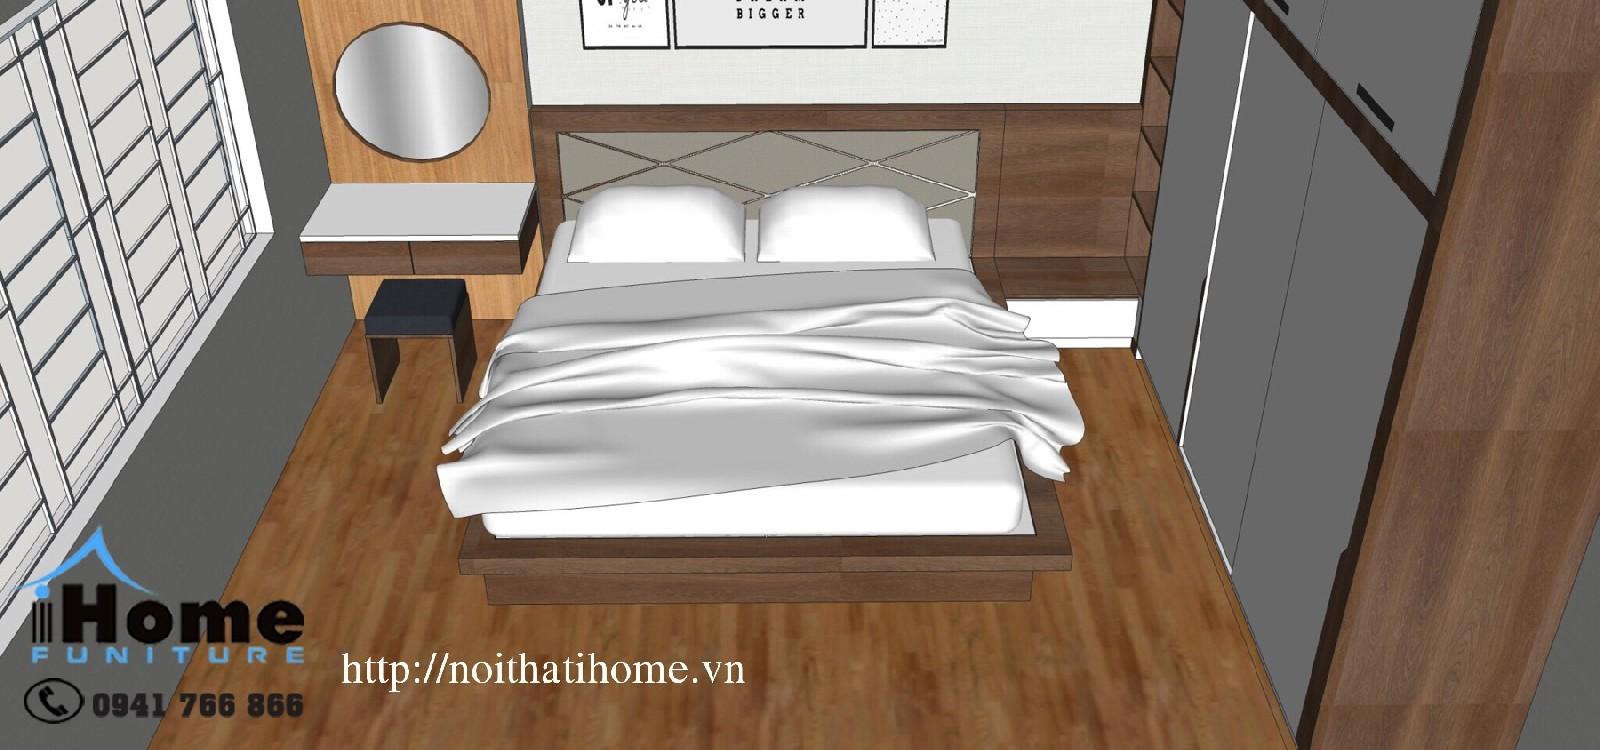 hình ảnh Thiết kế nội thất phòng ngủ Anh Tiến Văn Cao Hải Phòng